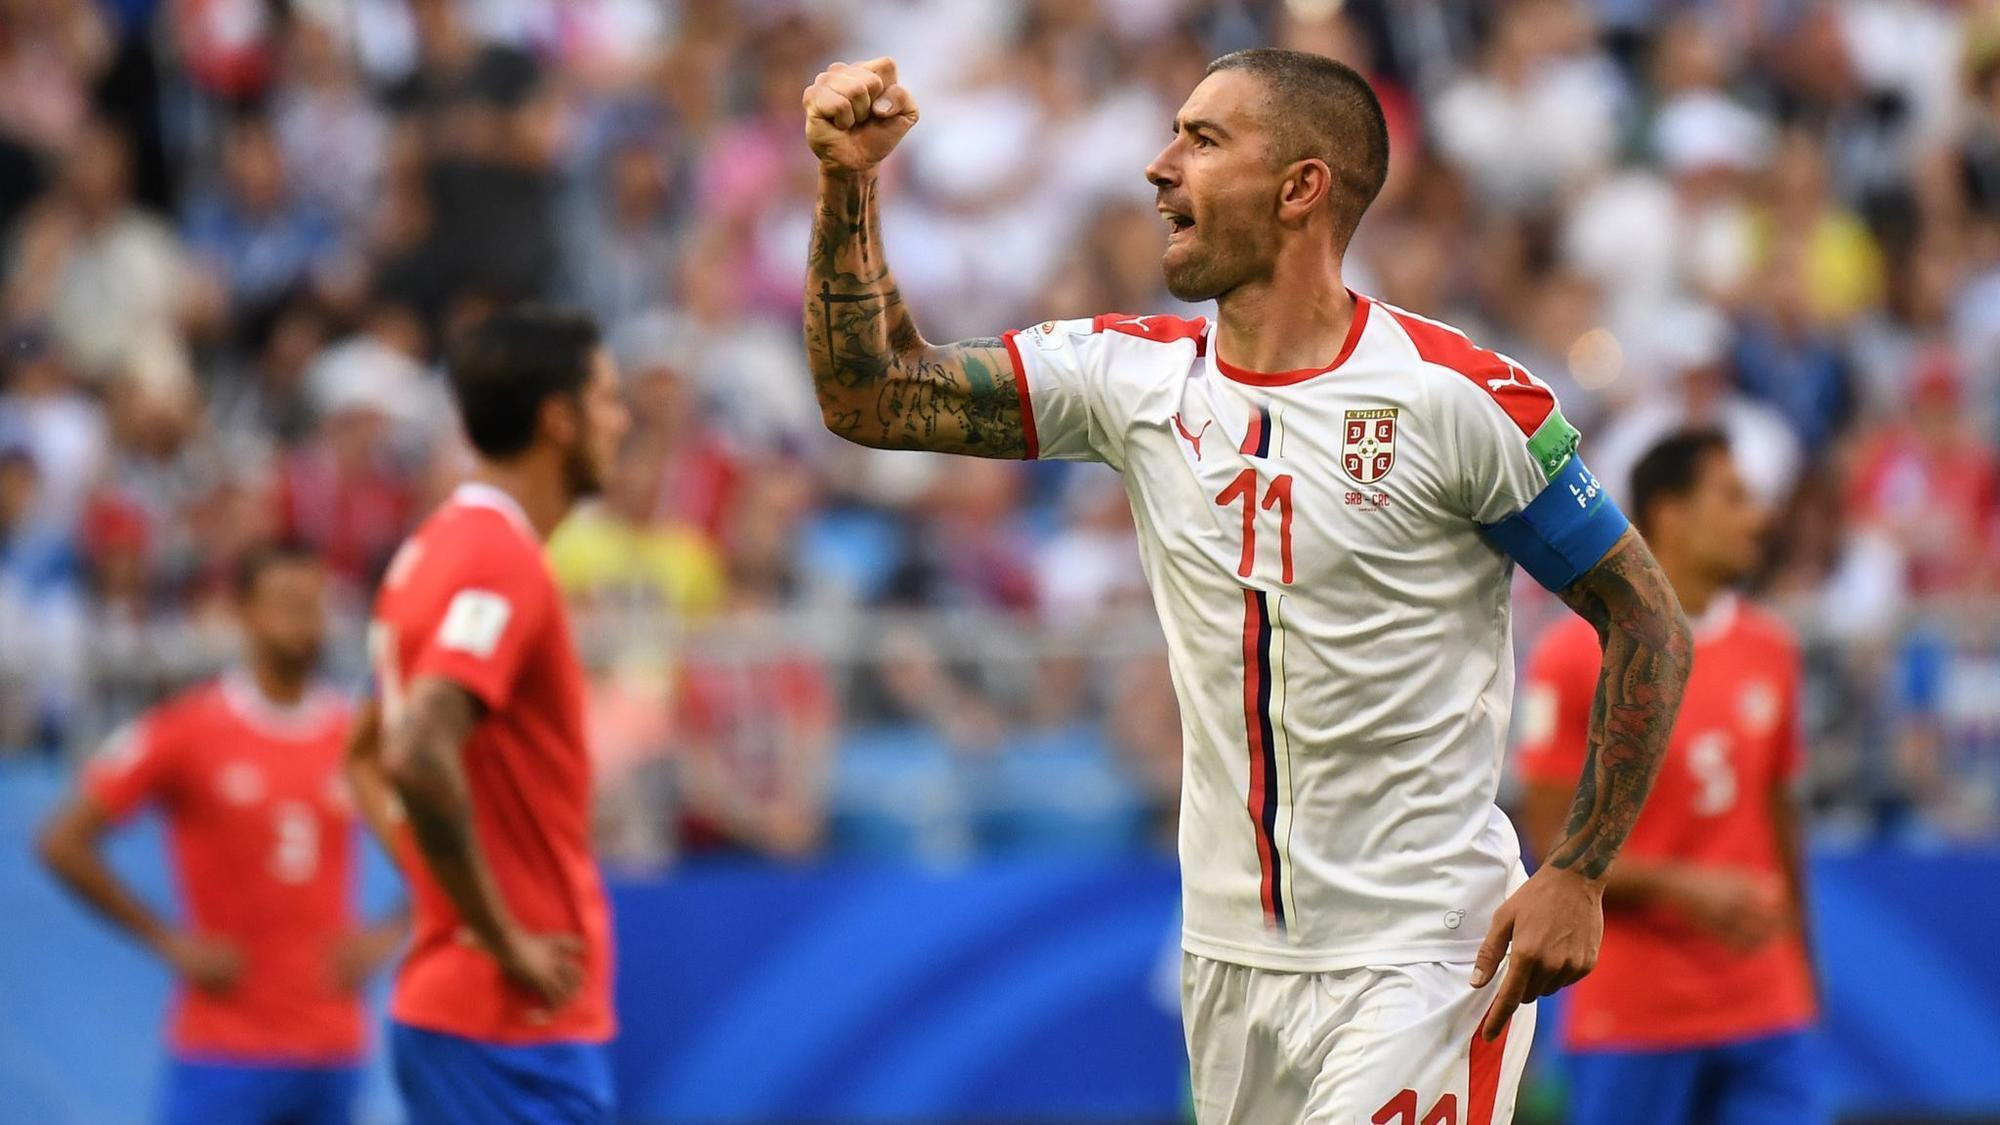 http://www.trbimg.com/img-5b26a055/turbine/ct-90mins-serbia-defeat-costa-rica-on-kolarov-free-kick-goal-20180617